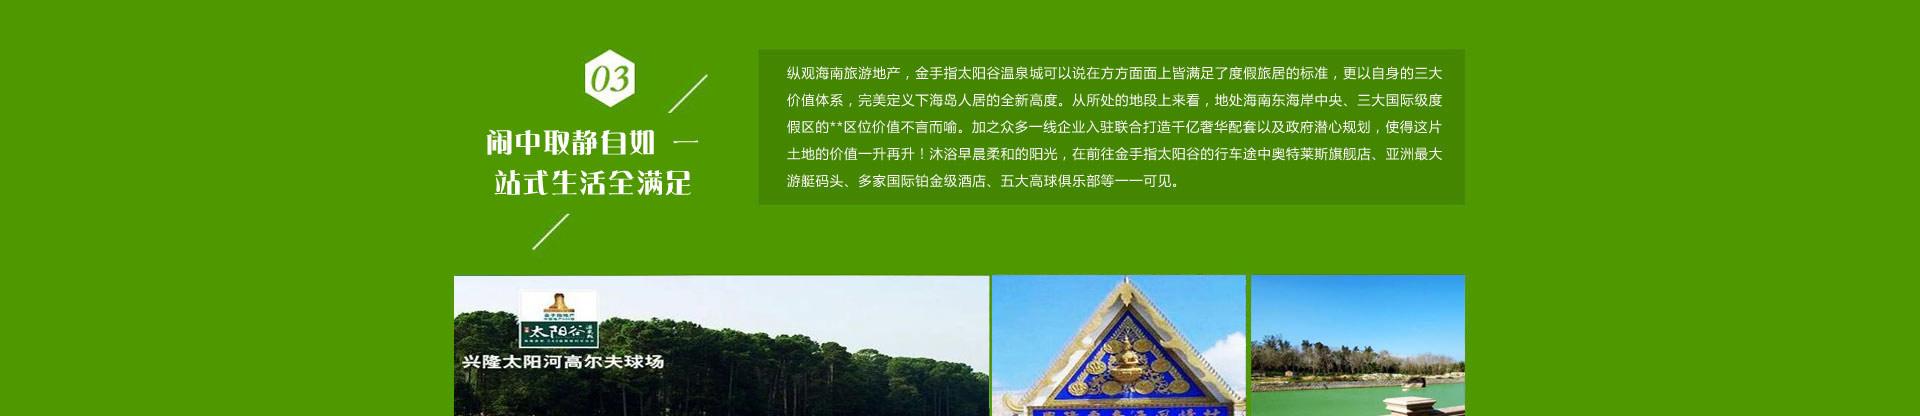 金手指太阳谷温泉城